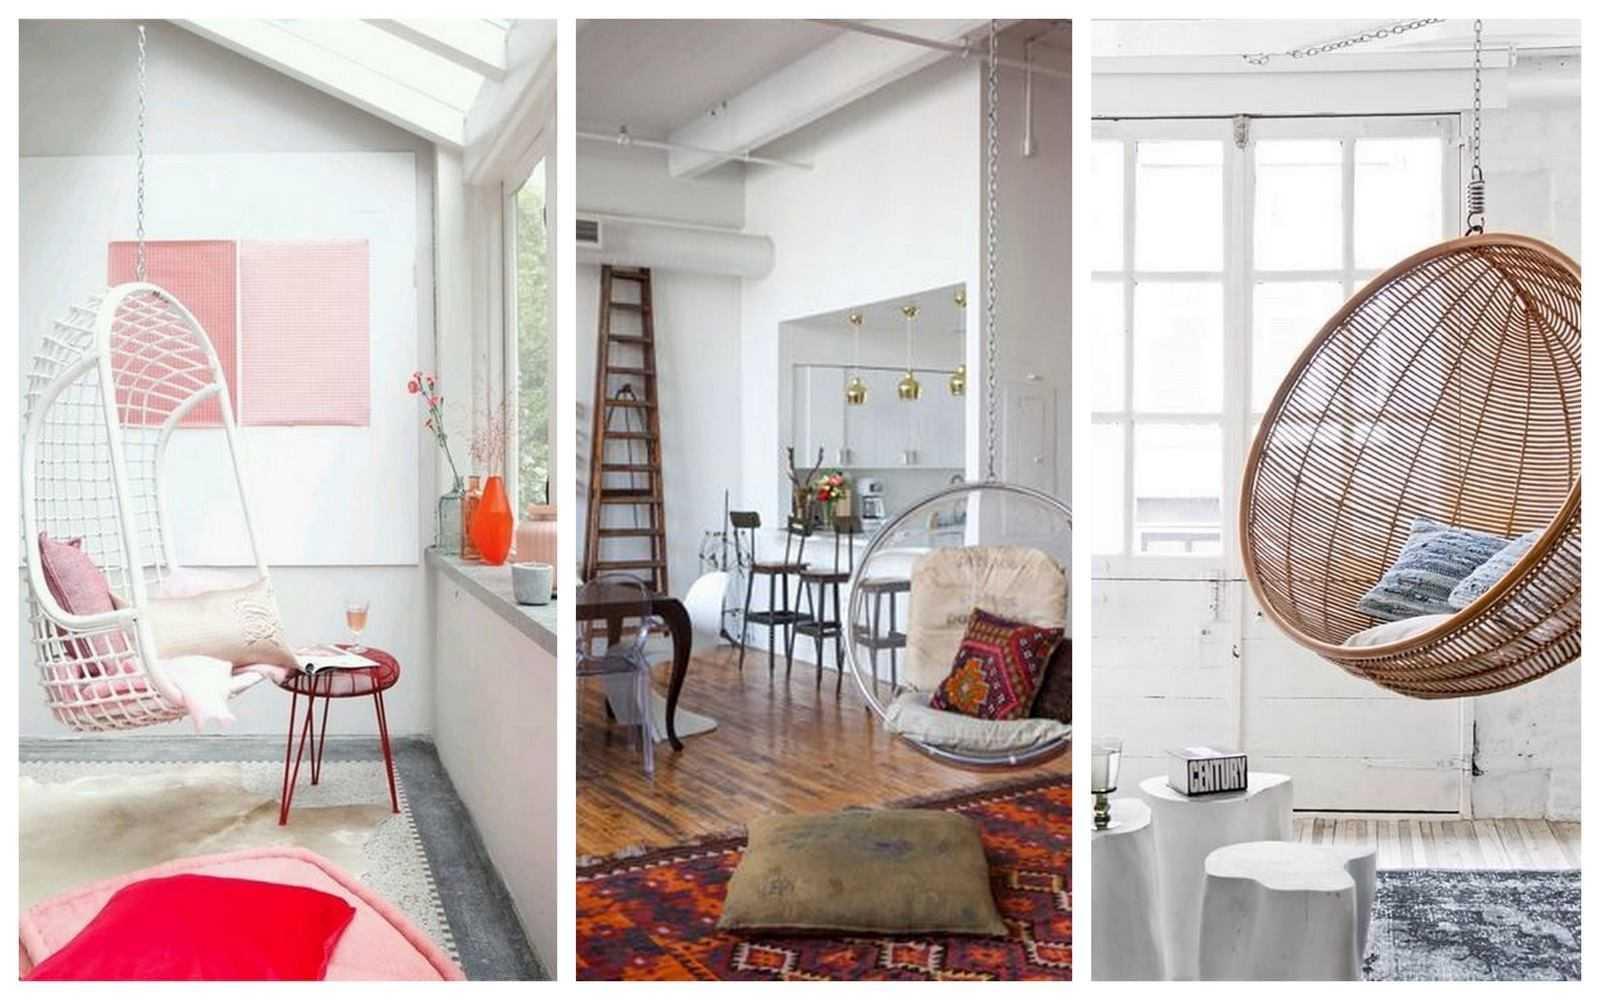 la maison du fauteuil top melville fauteuil pellini taupe with la maison du fauteuil fauteuil. Black Bedroom Furniture Sets. Home Design Ideas